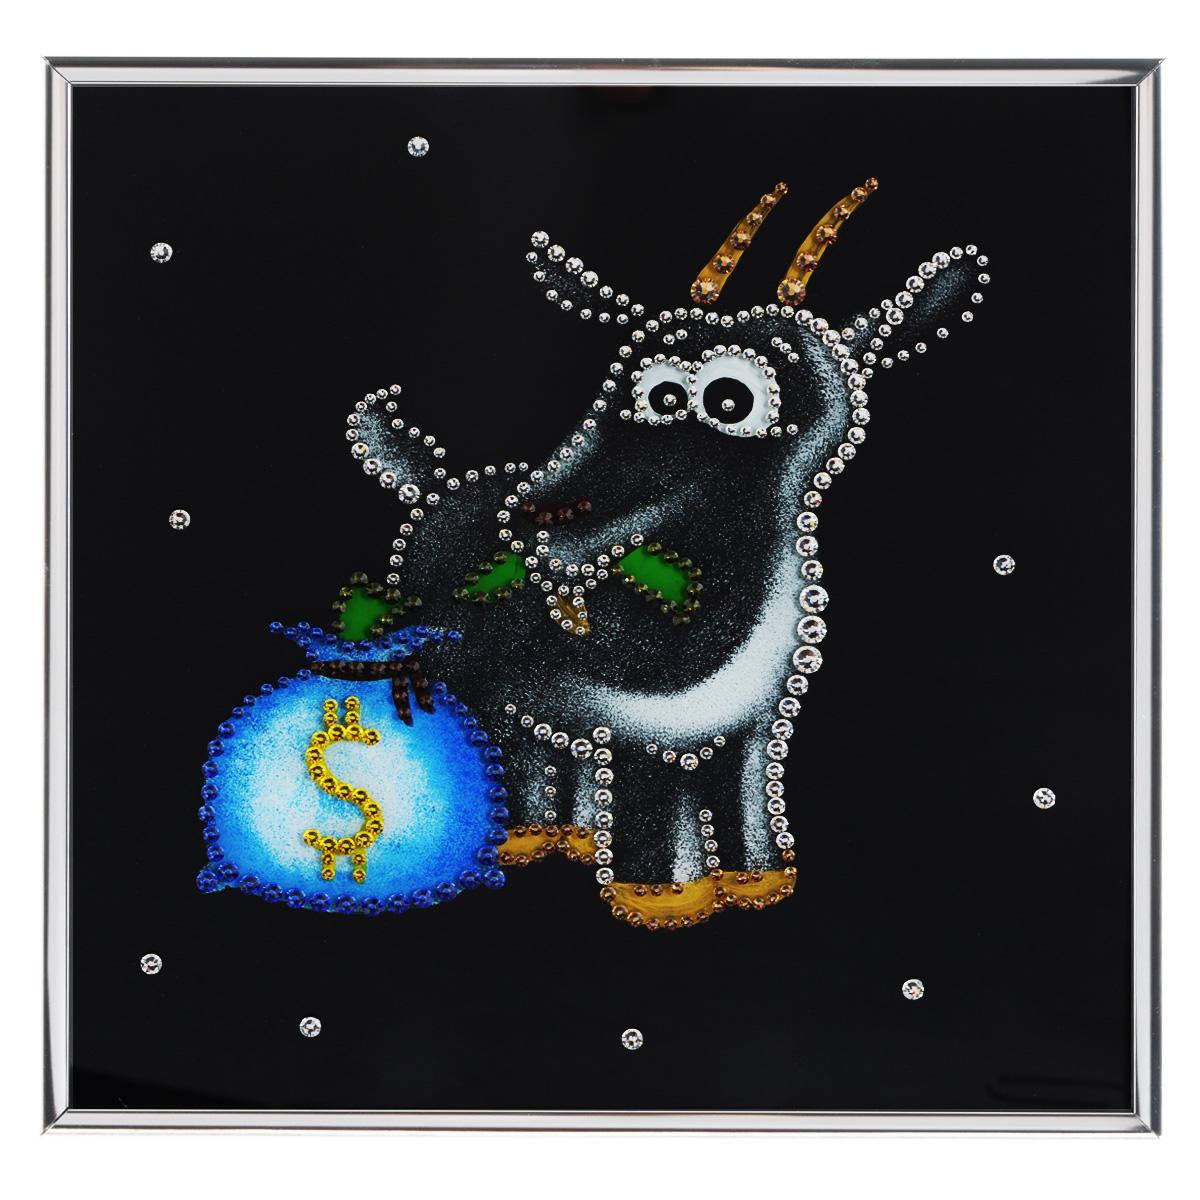 Картина с кристаллами Swarovski Новогодний сюрприз, 25 см х 25 см1200Изящная картина в металлической раме, инкрустирована кристаллами Swarovski, которые отличаются четкой и ровной огранкой, ярким блеском и чистотой цвета. Красочное изображение овечки с мешком денег, расположенное под стеклом, прекрасно дополняет блеск кристаллов. С обратной стороны имеется металлическая петелька для размещения картины на стене. Картина с кристаллами Swarovski Новогодний сюрприз элегантно украсит интерьер дома или офиса, а также станет прекрасным подарком, который обязательно понравится получателю. Блеск кристаллов в интерьере, что может быть сказочнее и удивительнее. Картина упакована в подарочную картонную коробку синего цвета и комплектуется сертификатом соответствия Swarovski. Количество кристаллов: 382 шт. Размер картины: 25 см х 25 см.